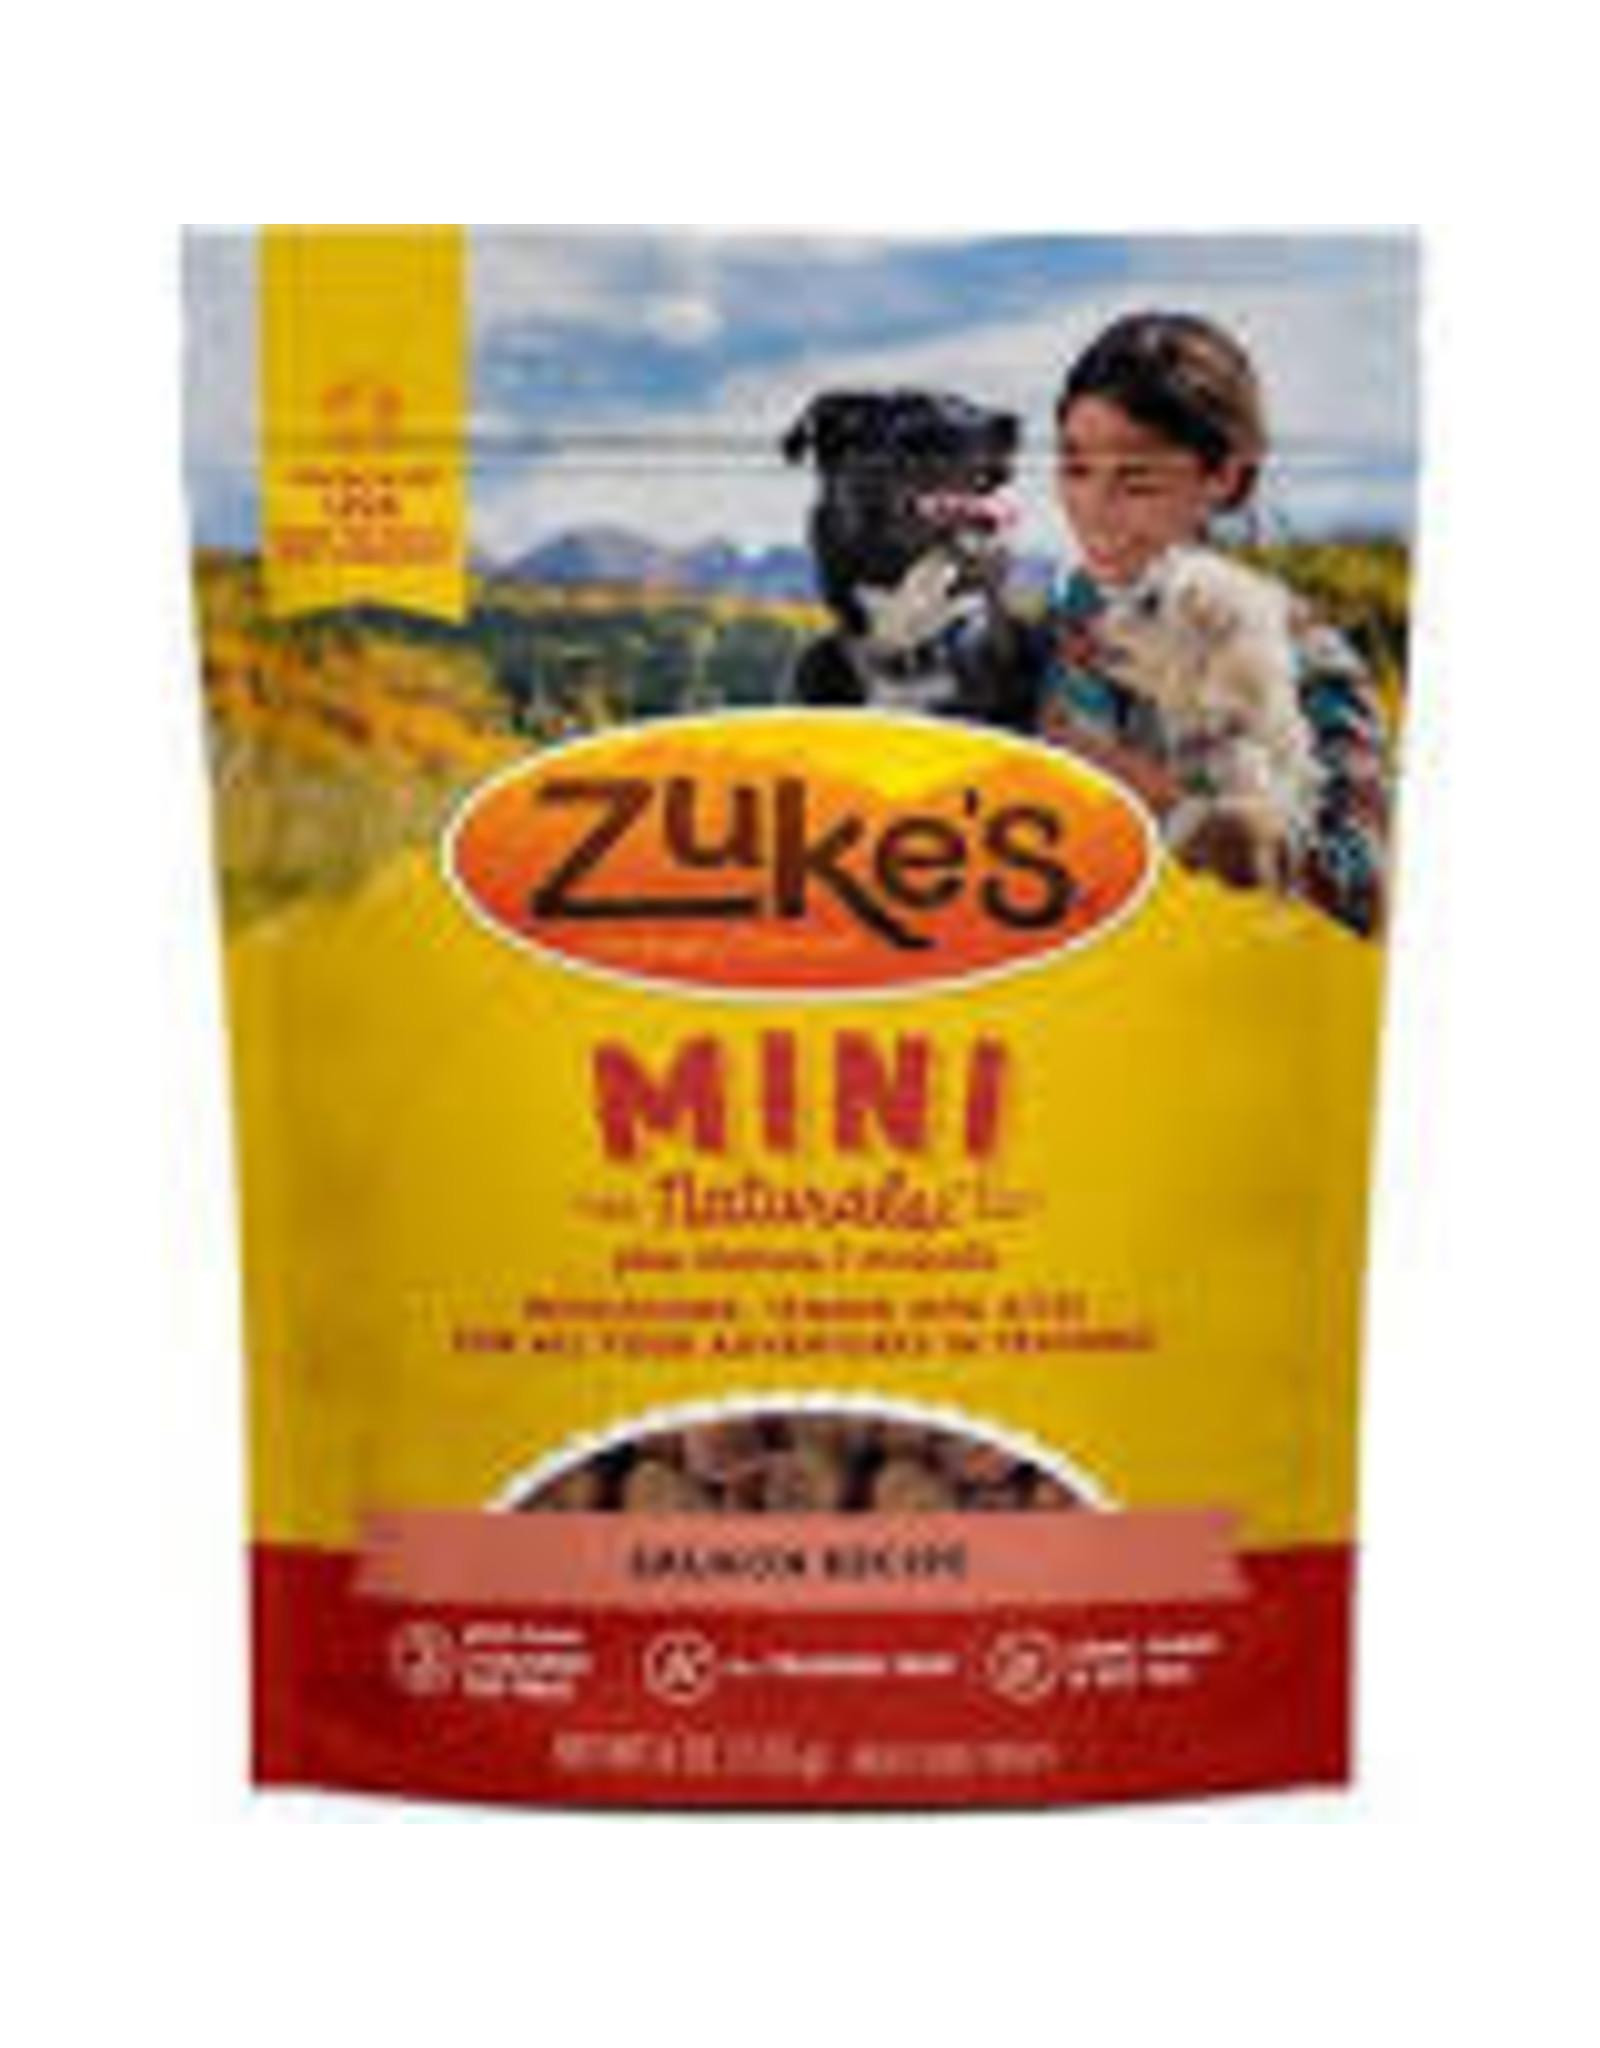 Zukes Zuke's Mini Naturals: Salmon, 6 oz